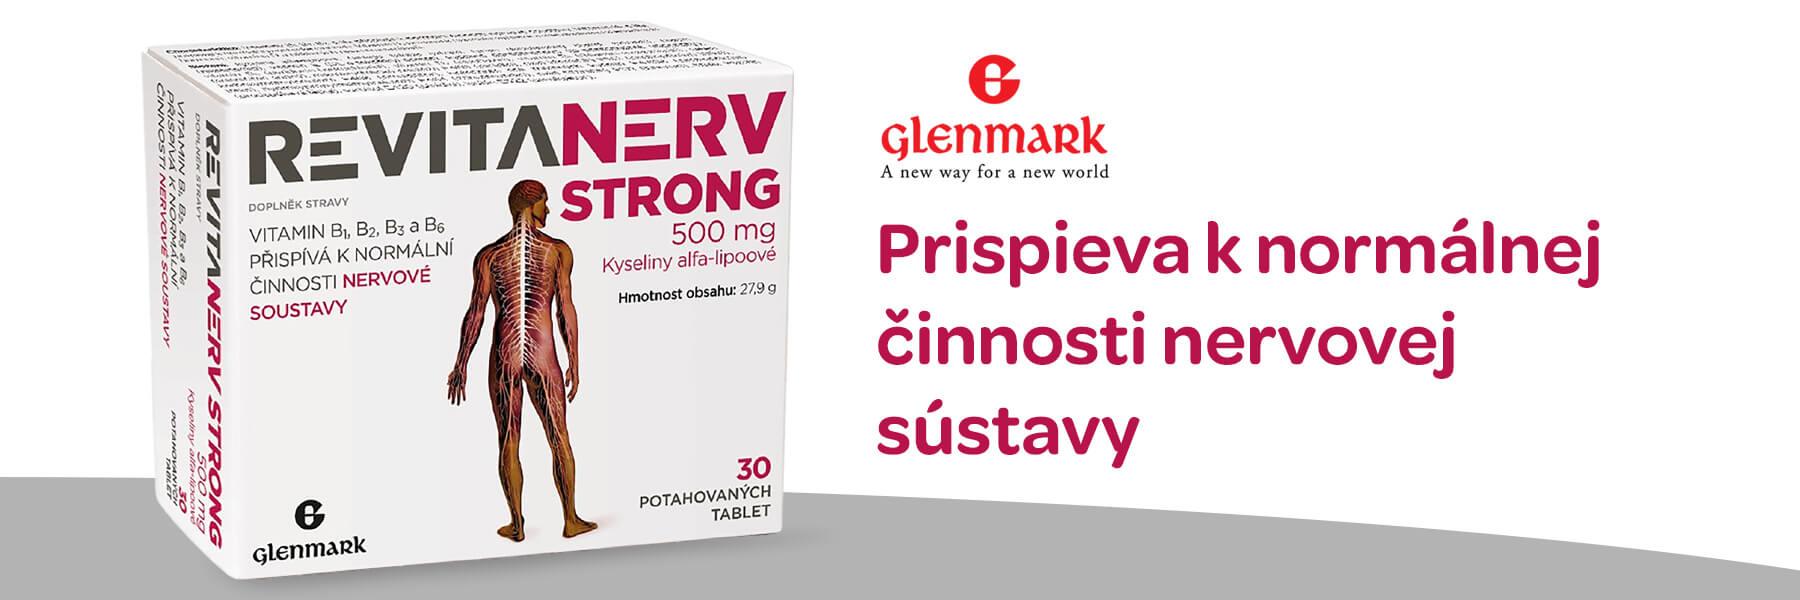 banner revitanerv strong